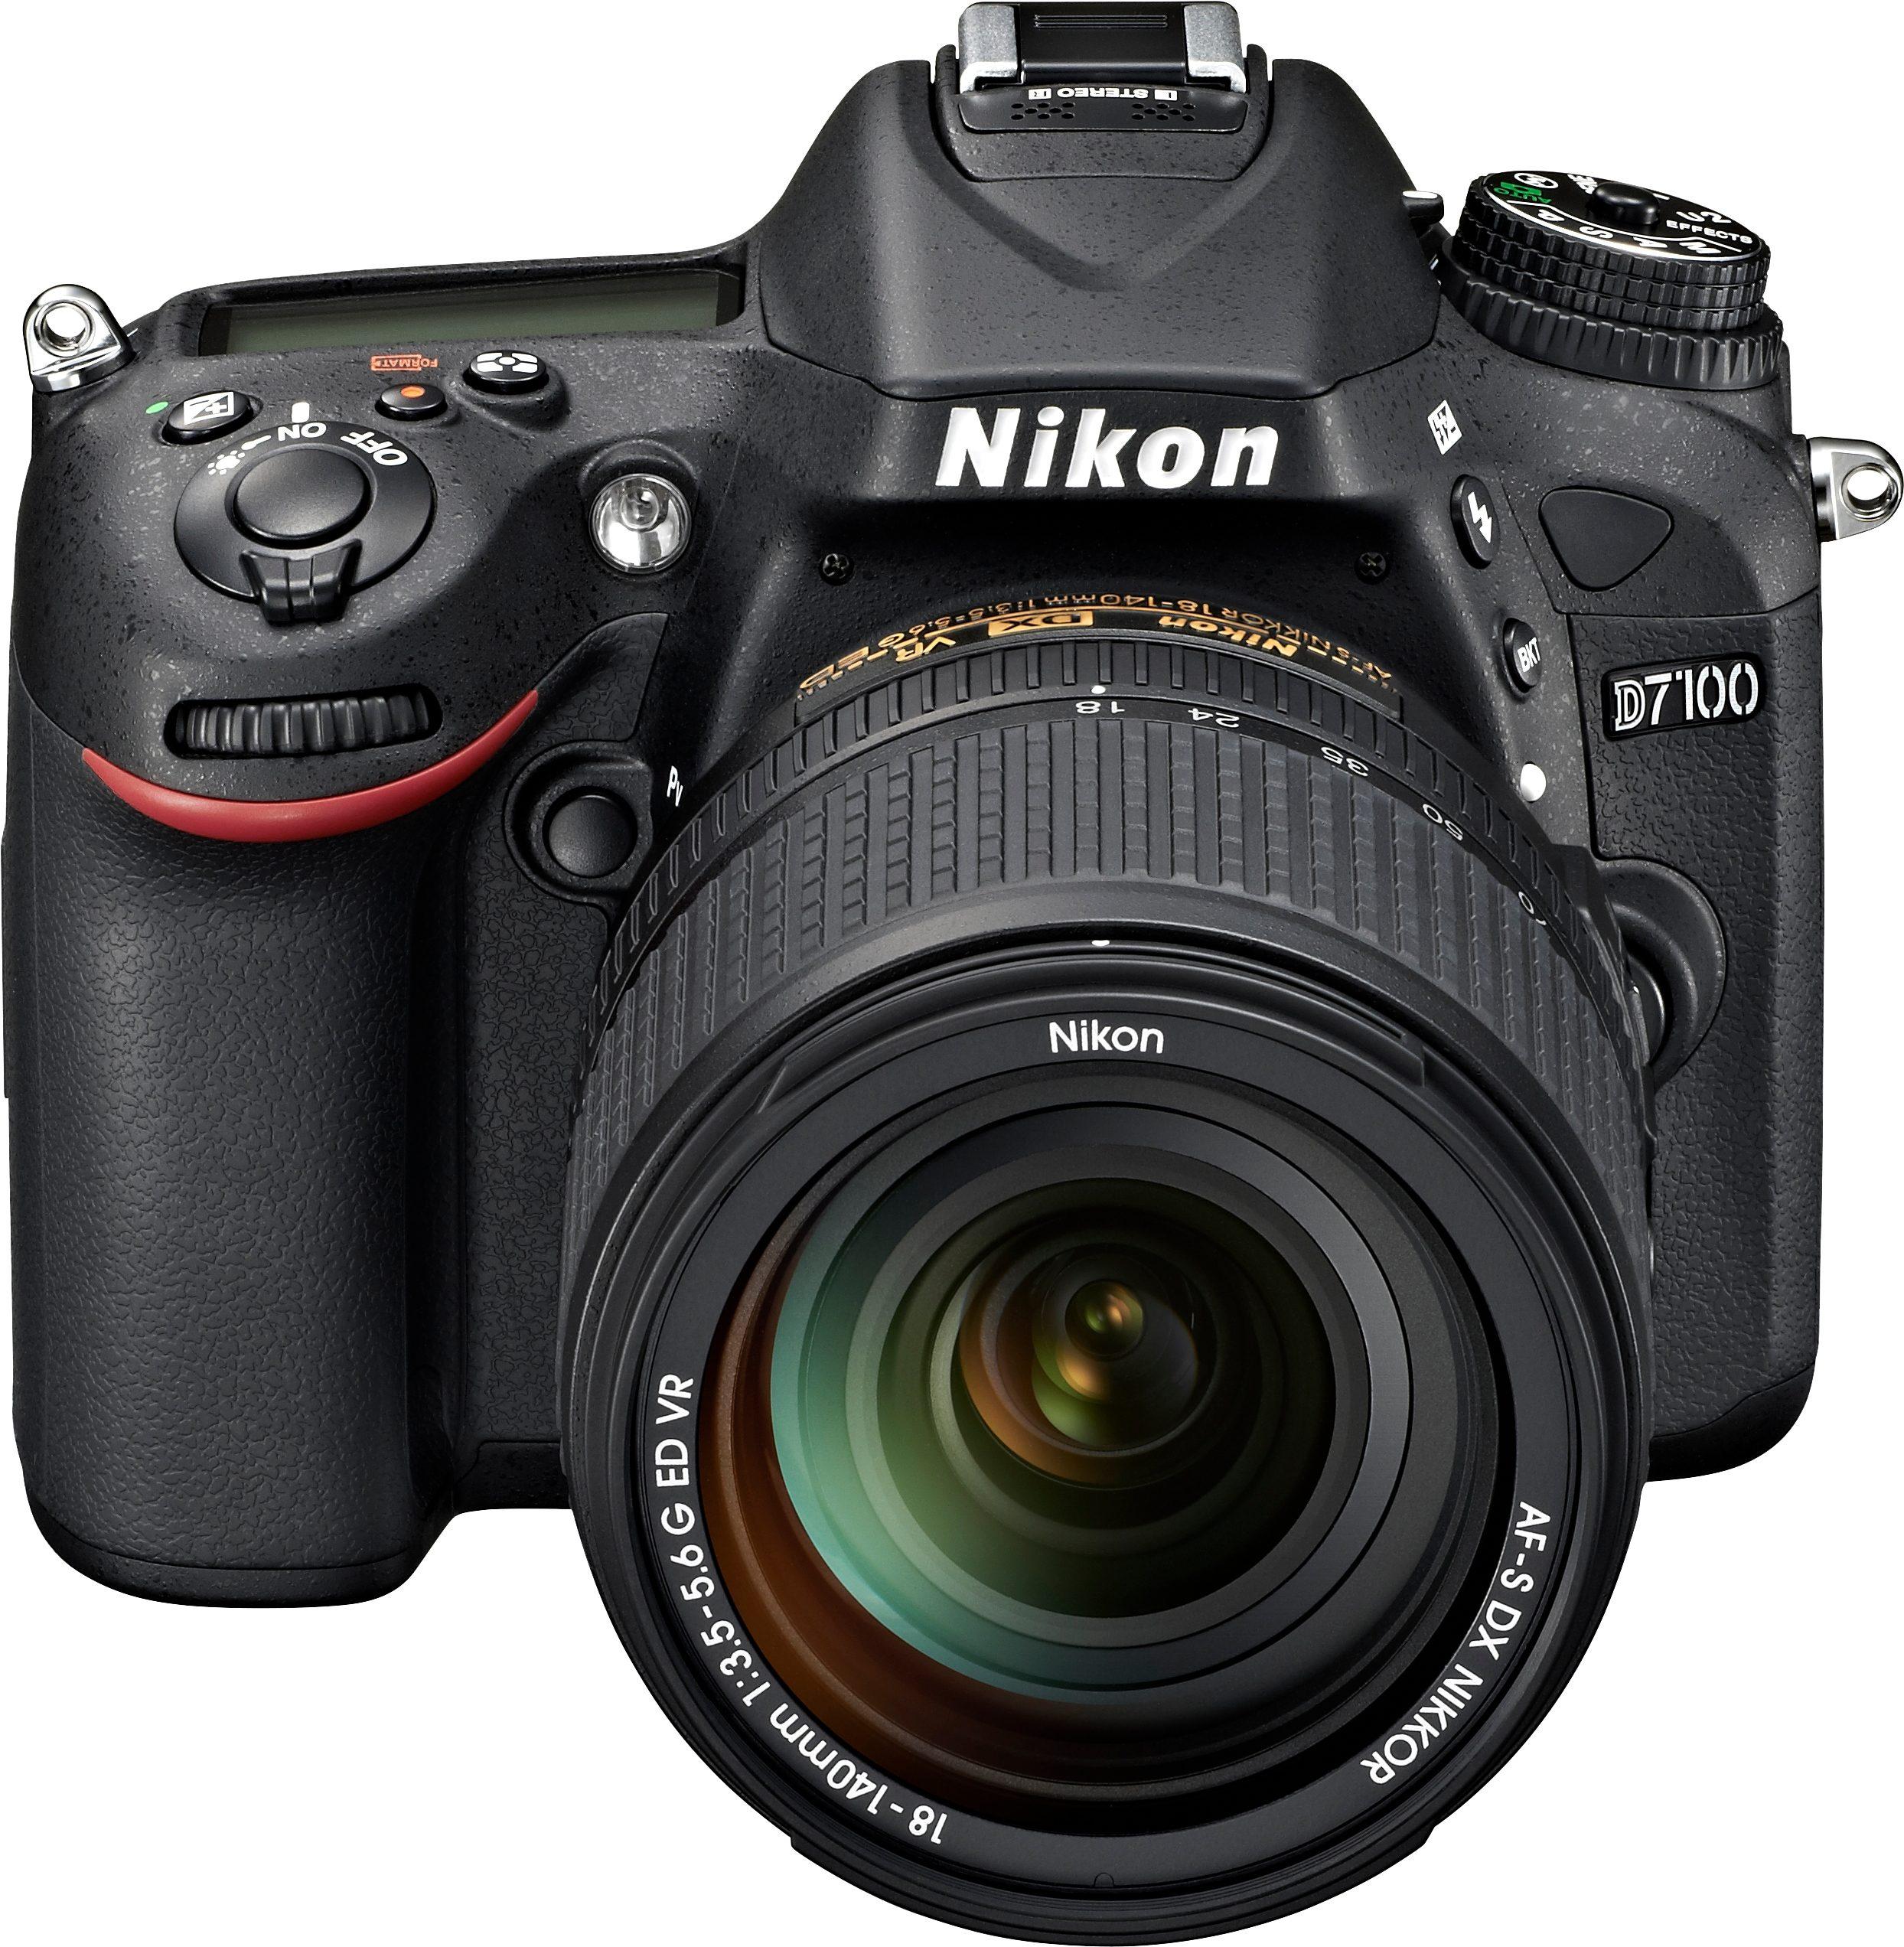 Nikon D7100 Kit AF-S DX 18-140G VR Spiegelreflex Kamera, Zoomobjektiv Zoom, 24,1 Megapixel